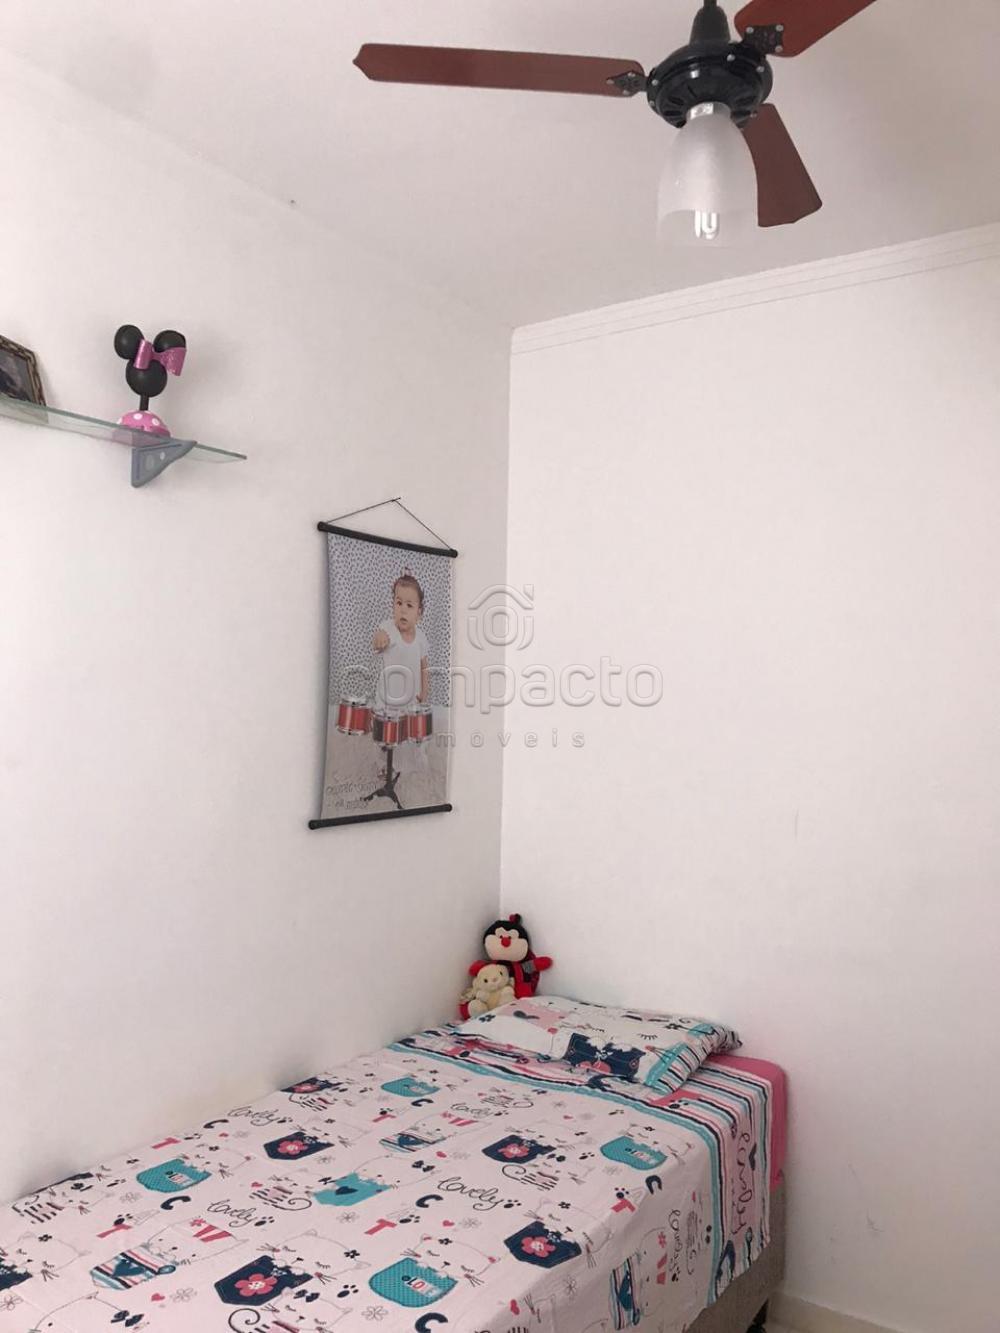 Comprar Apartamento / Padrão em São José do Rio Preto apenas R$ 155.000,00 - Foto 12